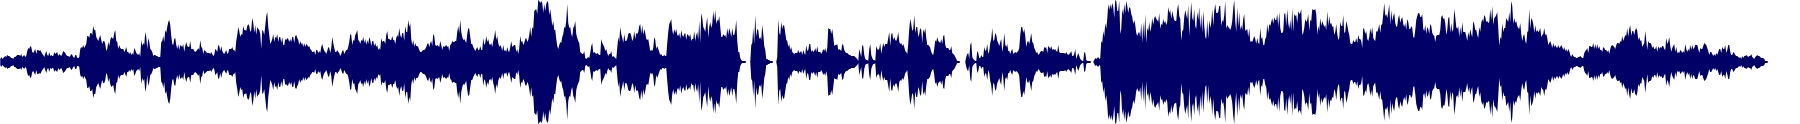 waveform of track #76920